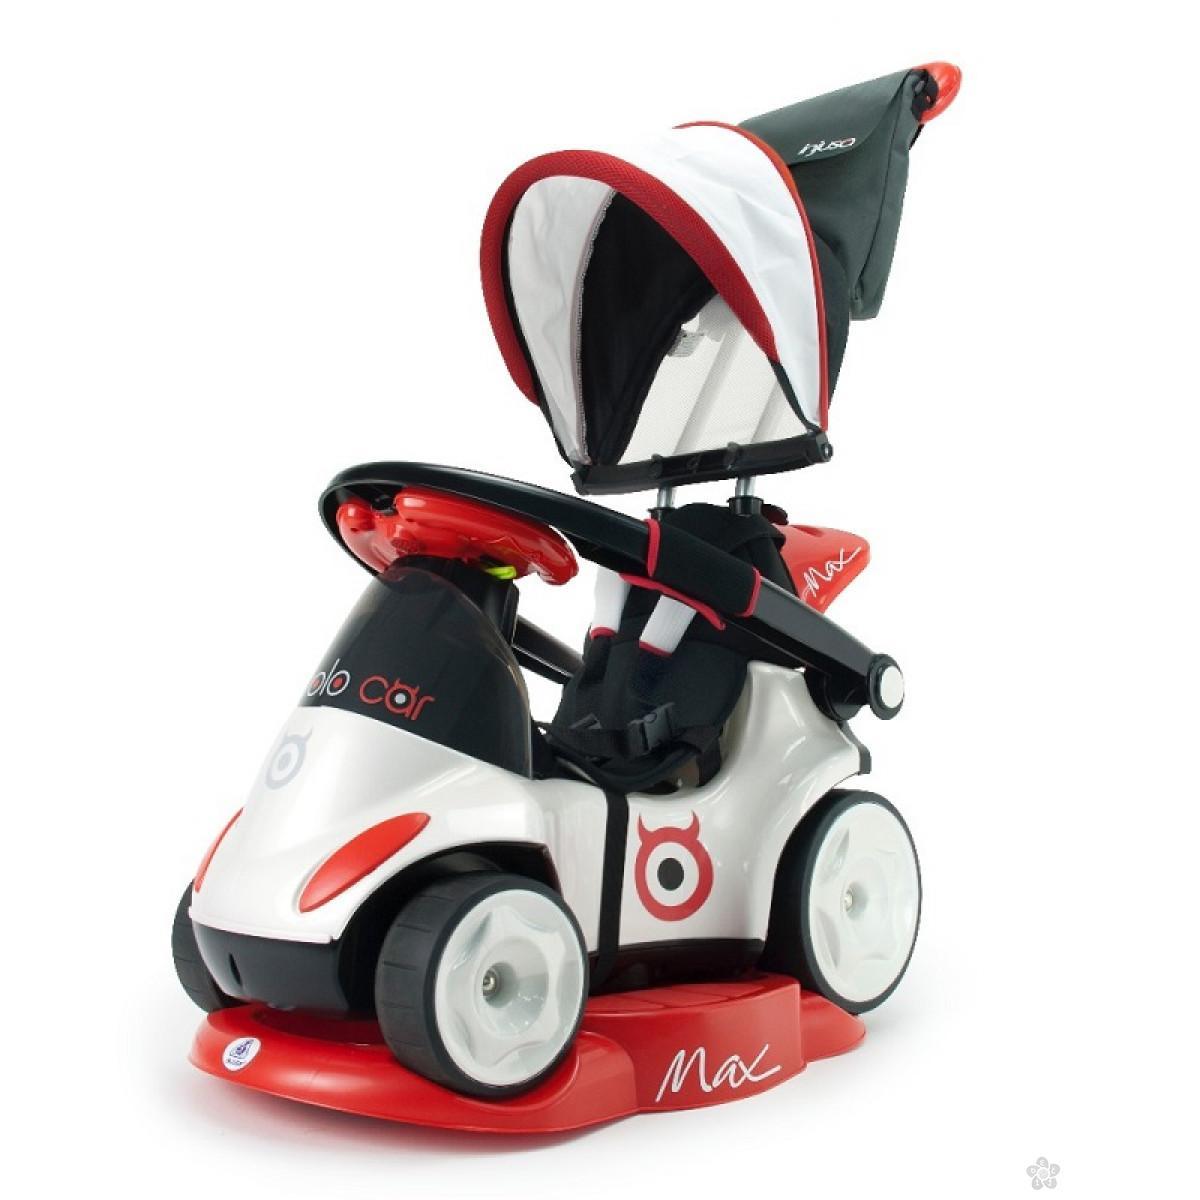 Auto guralica za decu Diavolo, model 456